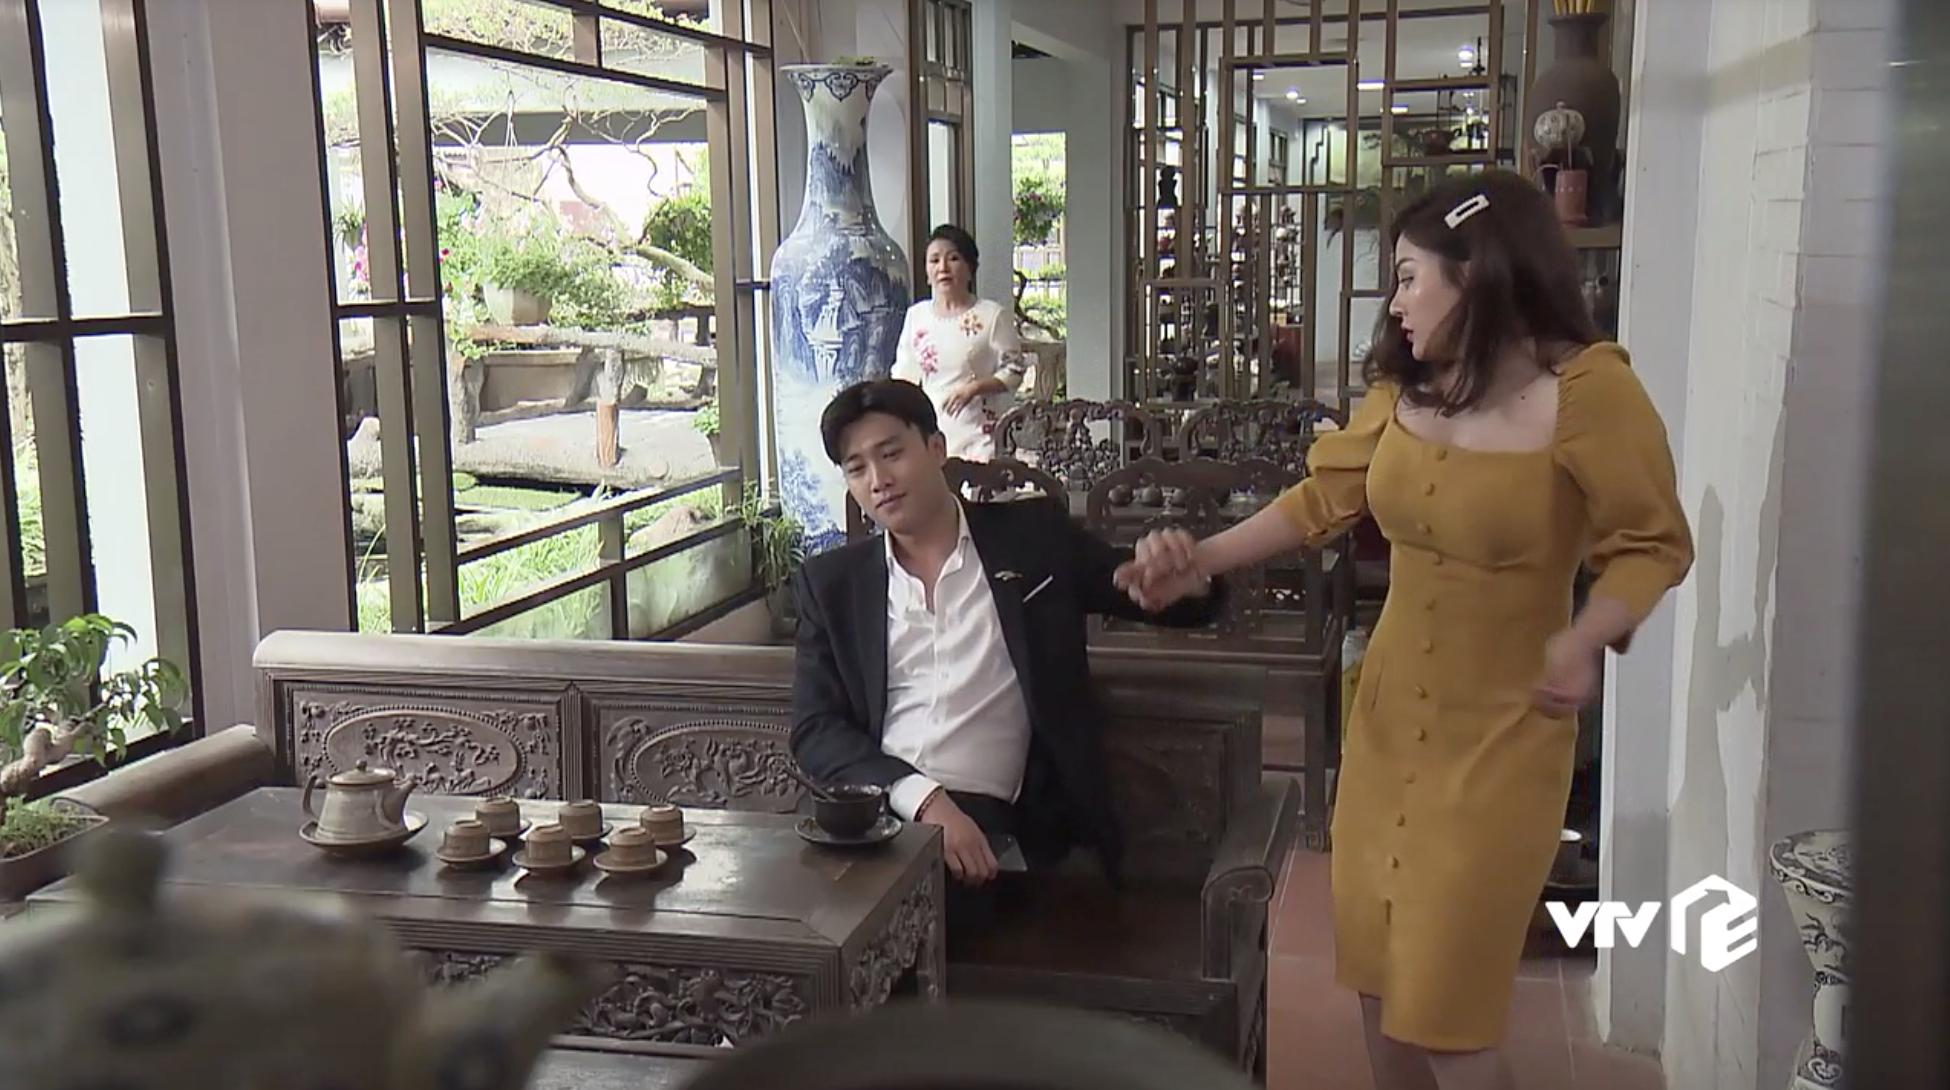 'Về nhà đi con': Sắp lấy vợ mà Vũ vẫn không bỏ thói trăng hoa, nếu không có mẹ can có lẽ đã đưa gái lạ lên giường - Ảnh 6